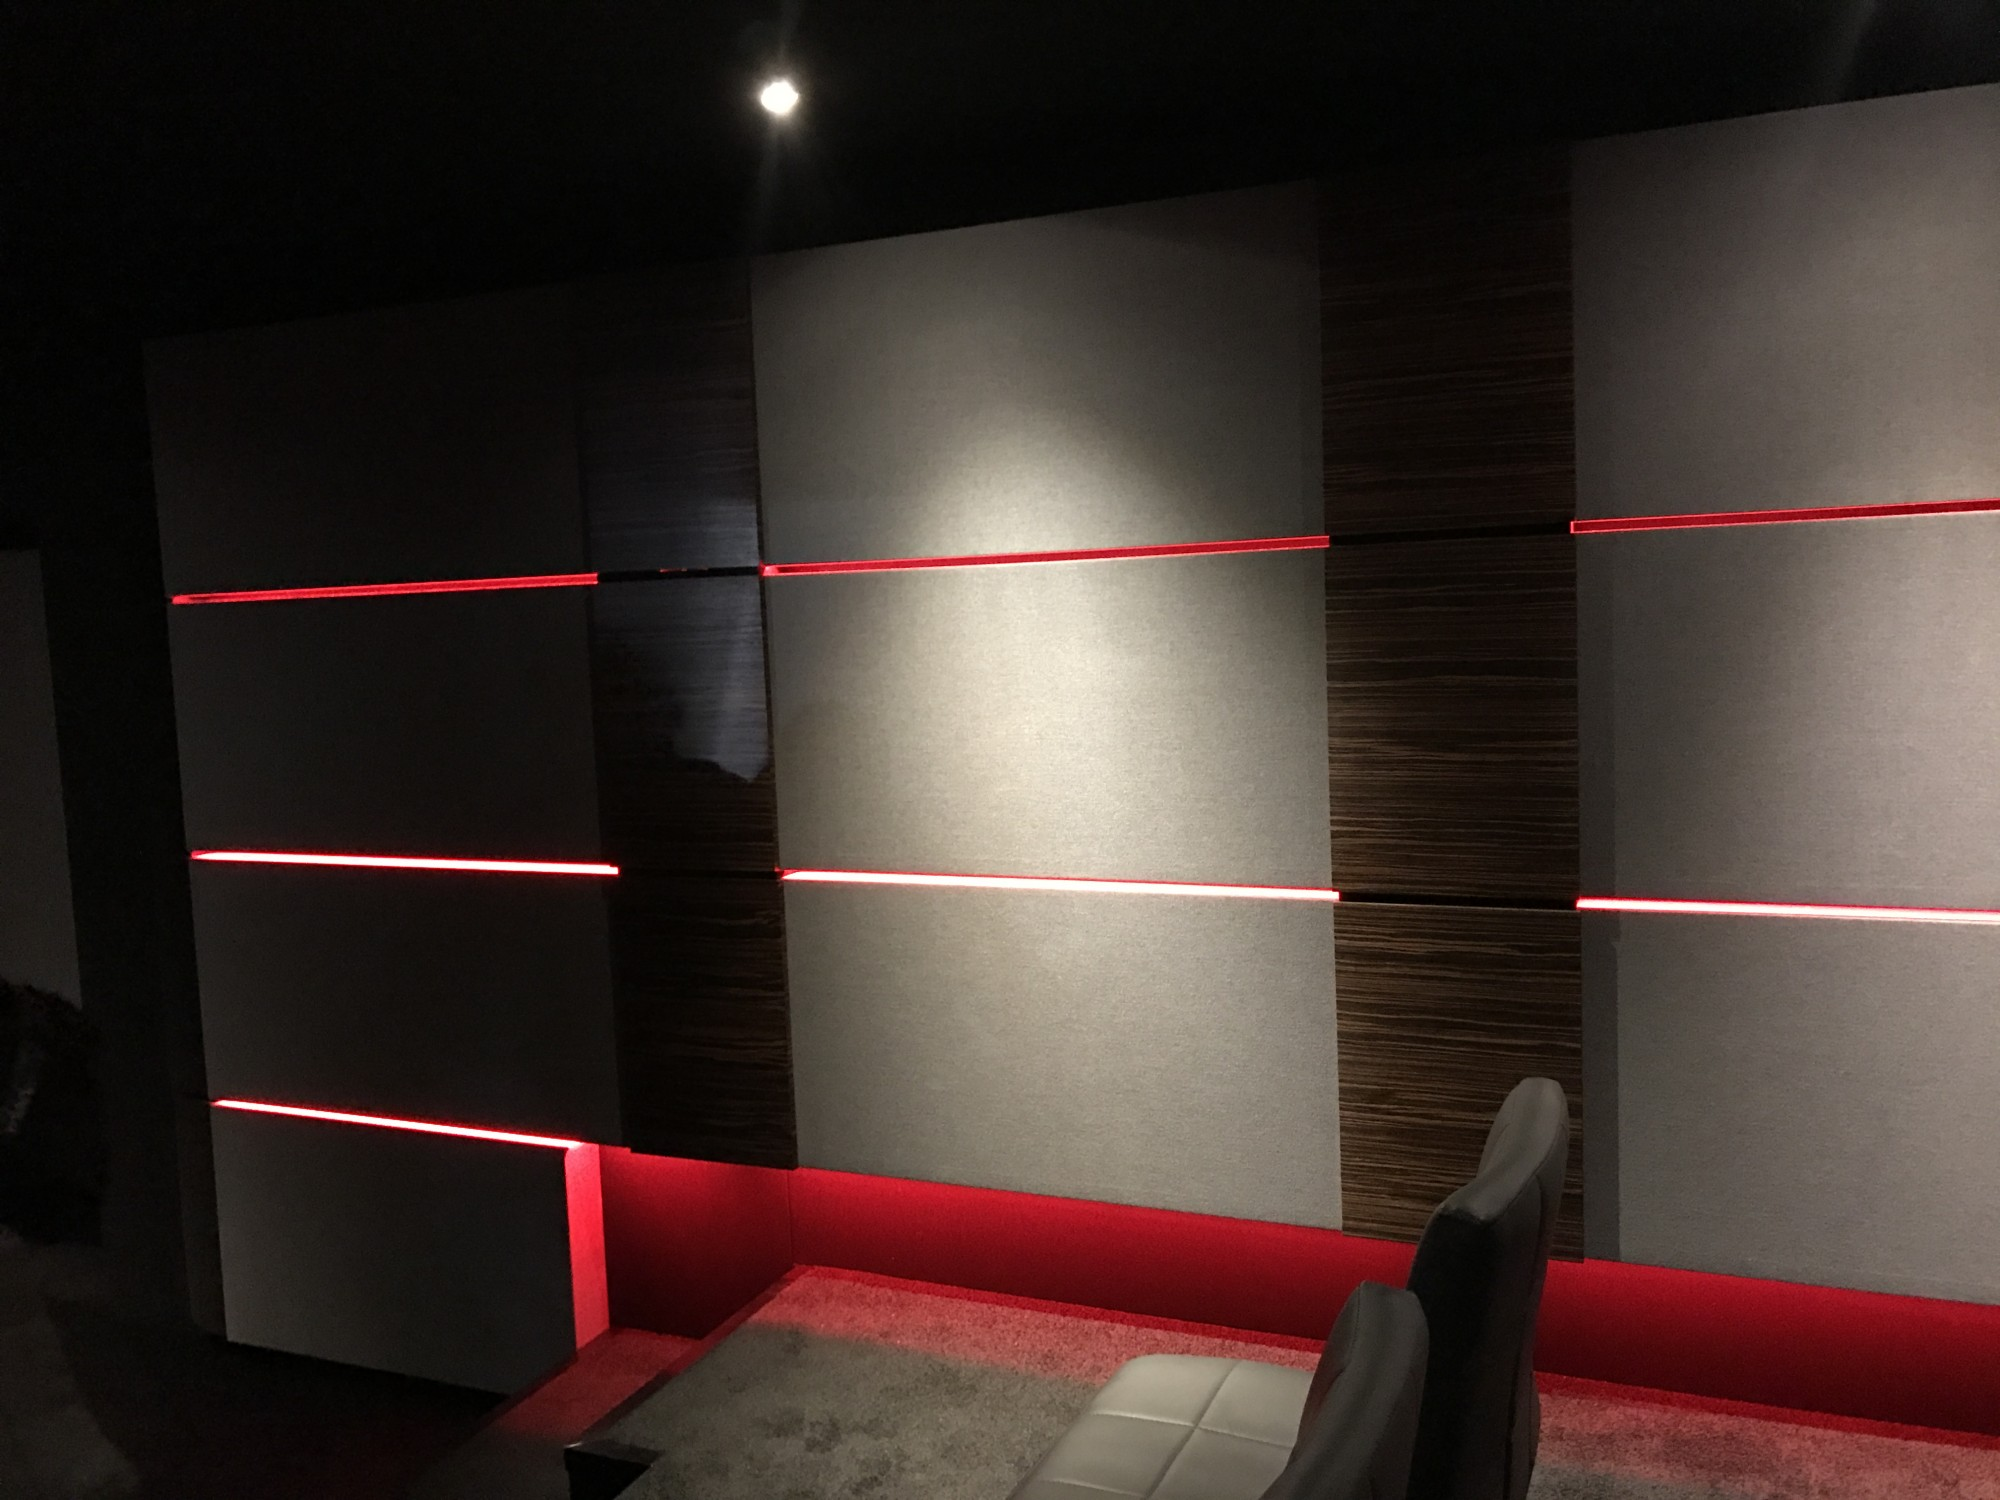 acheter des fauteuils de cin ma pour une salle de projection priv e n mes 30000 mon cin priv. Black Bedroom Furniture Sets. Home Design Ideas